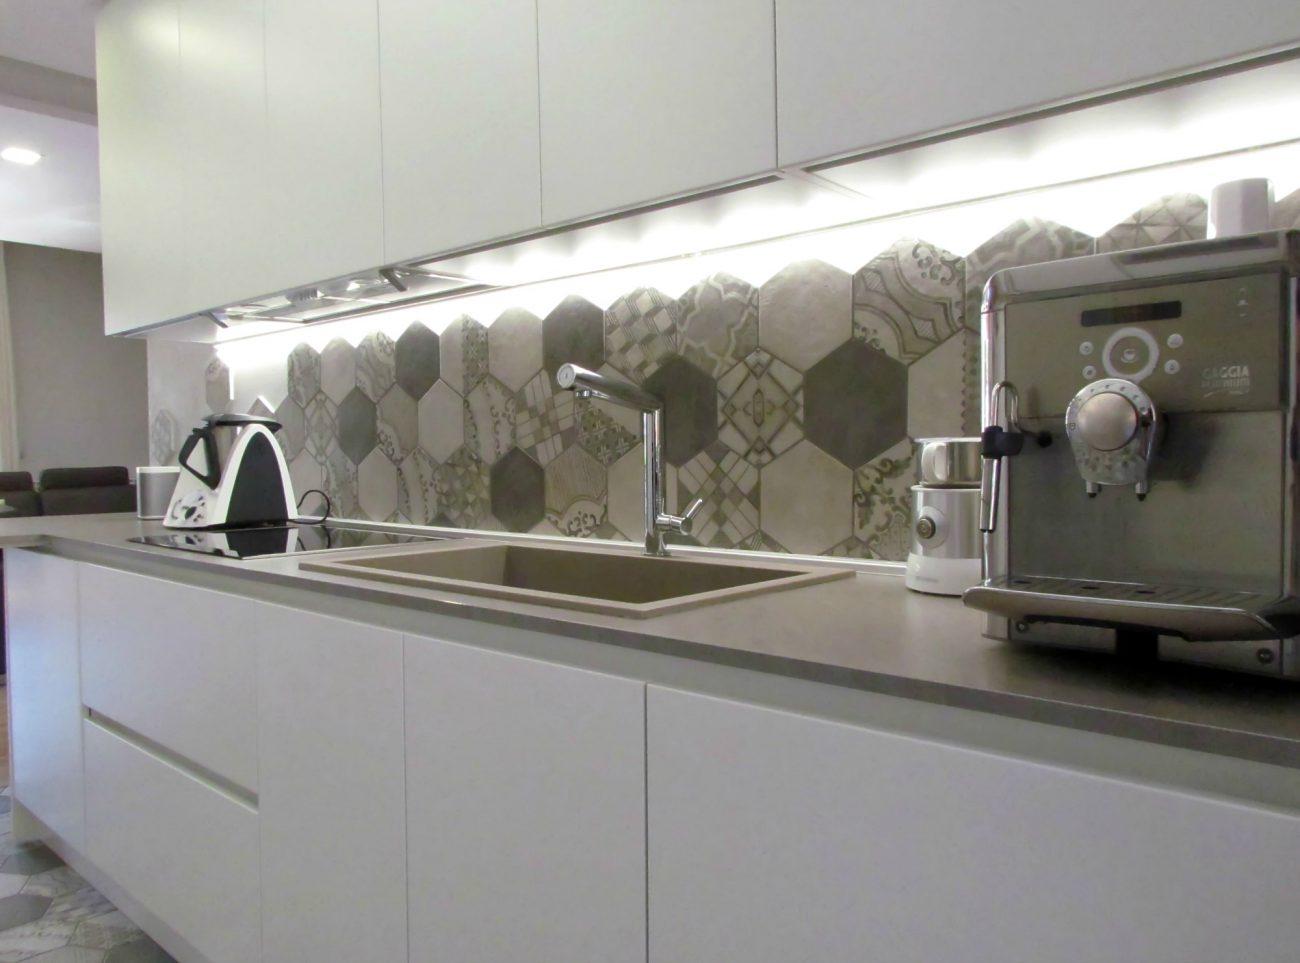 Cementine cucina stunning sugo padova cucina sugo piastrelle in